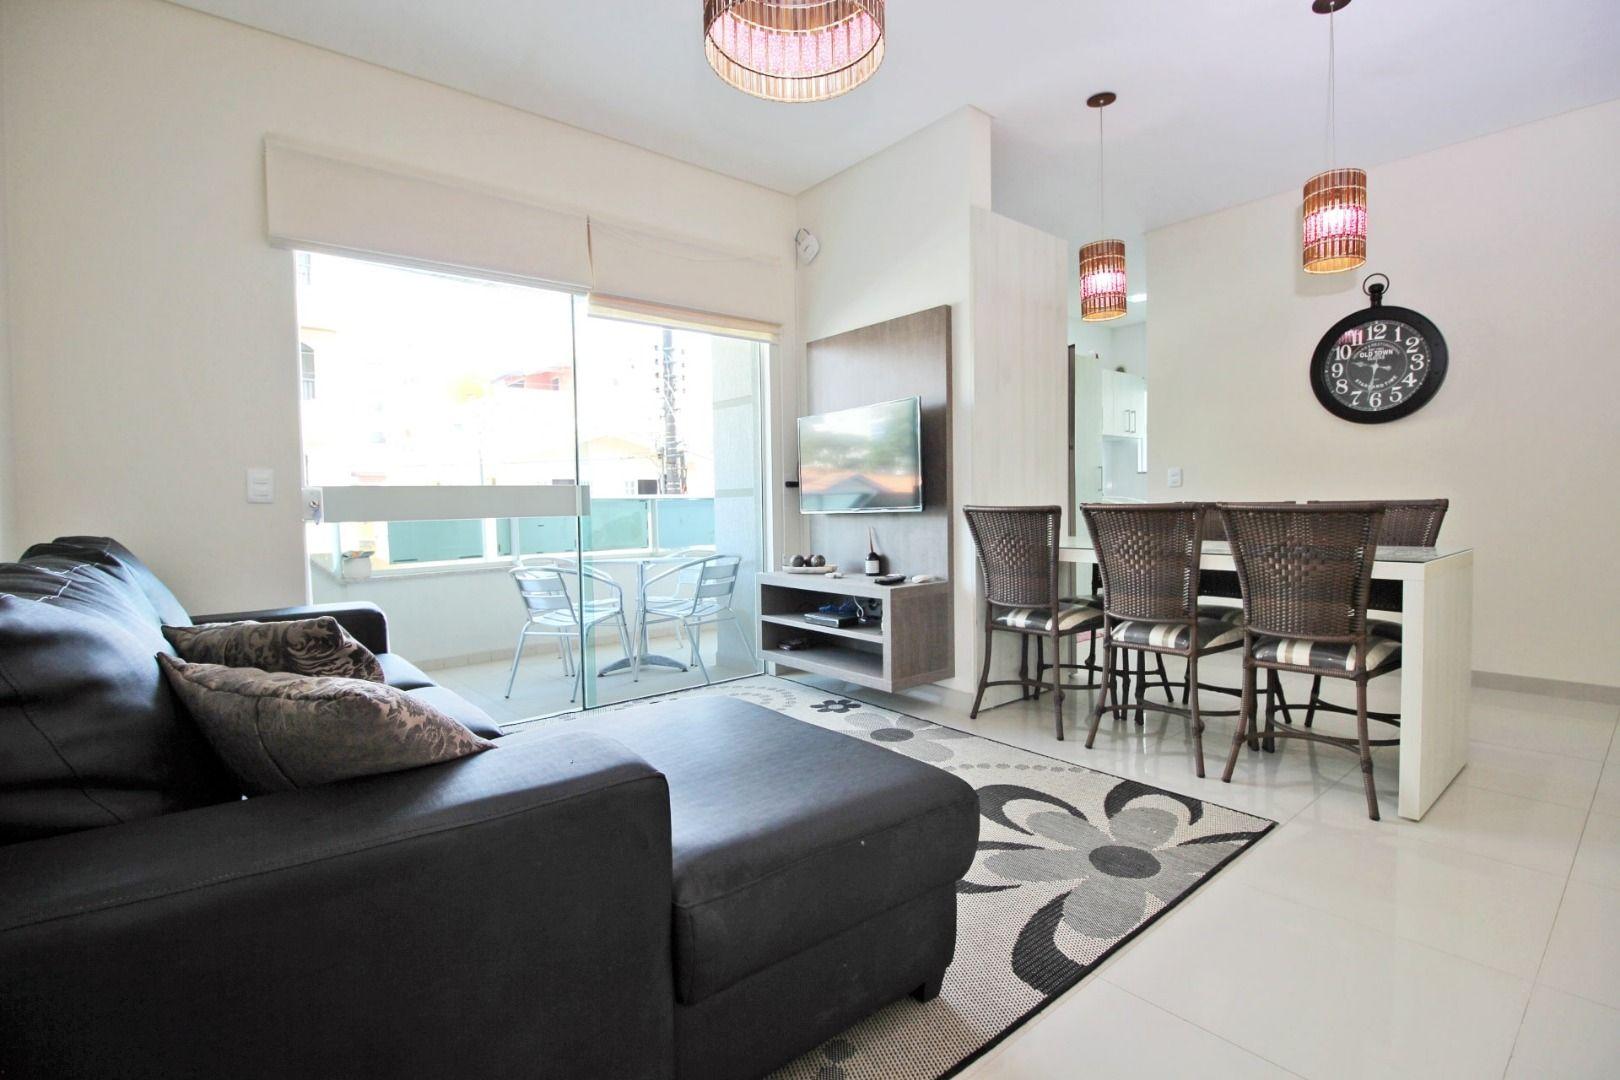 Apartamento com 2 Dormitórios à venda, 92 m² por R$ 850.000,00